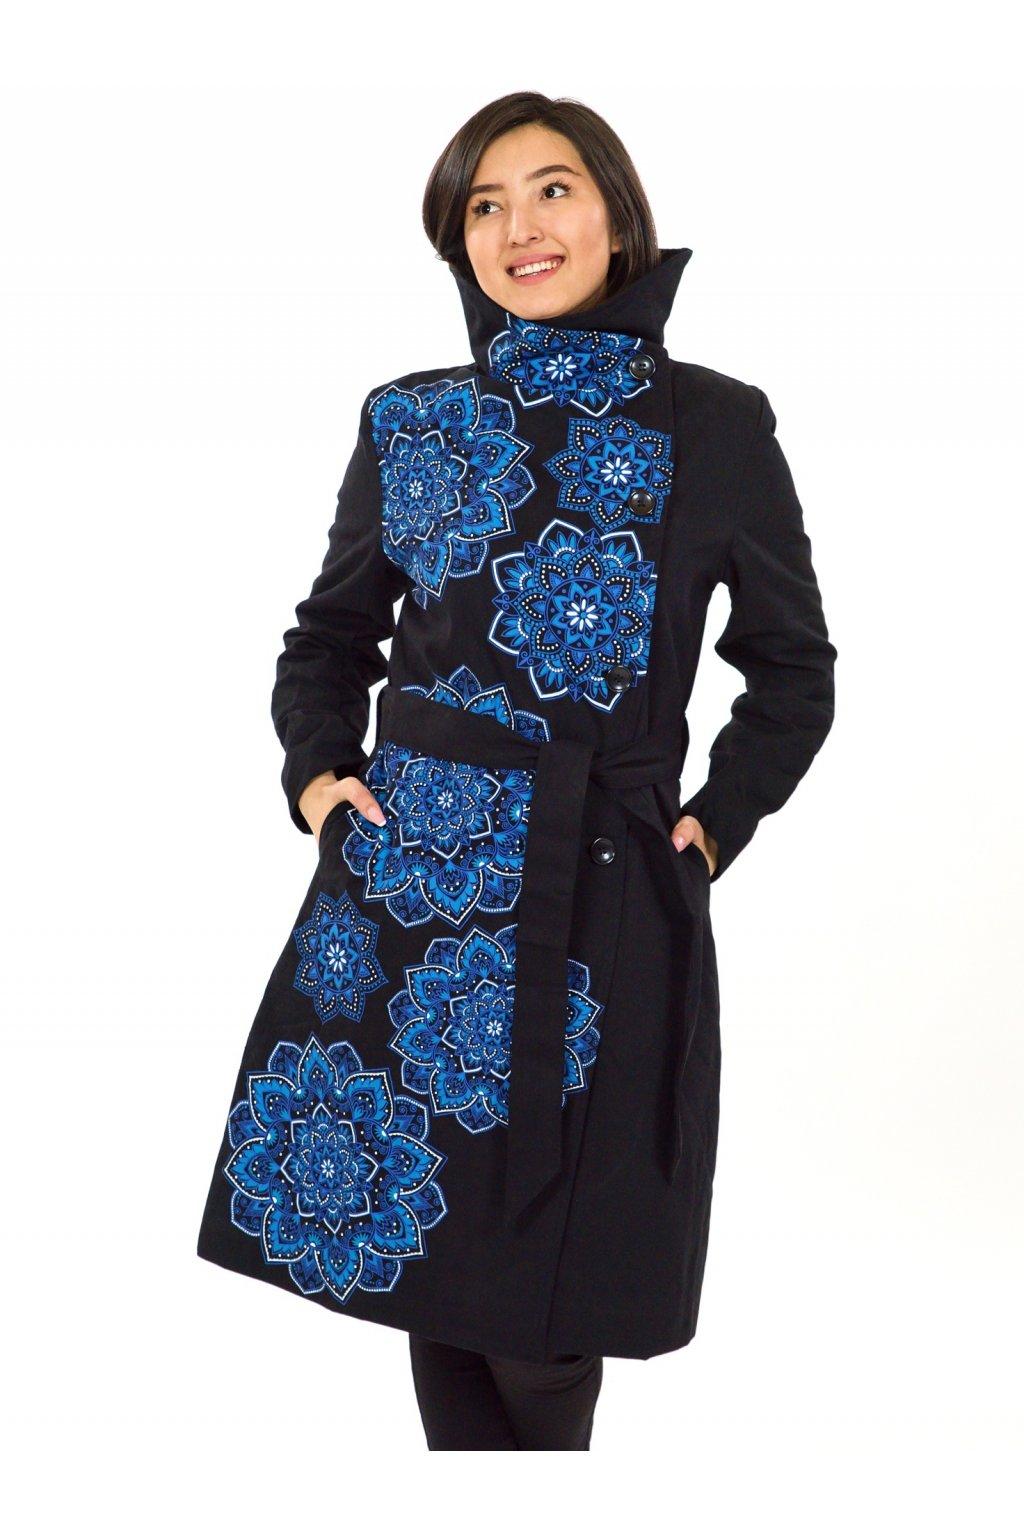 Podzimní/zimní kabát Himalaya - černá s modrou